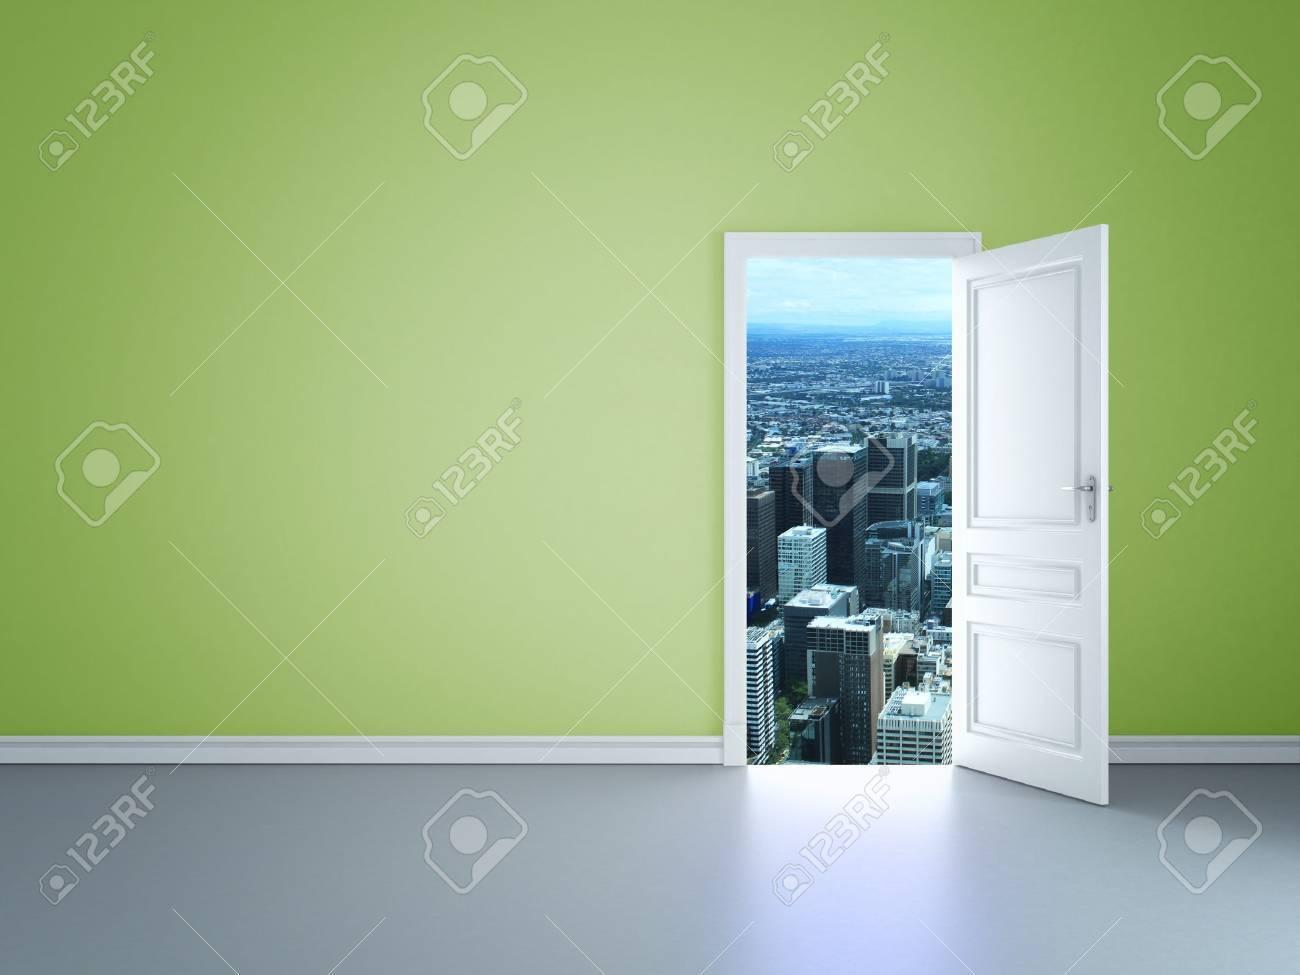 room with an open door to city - 14206141